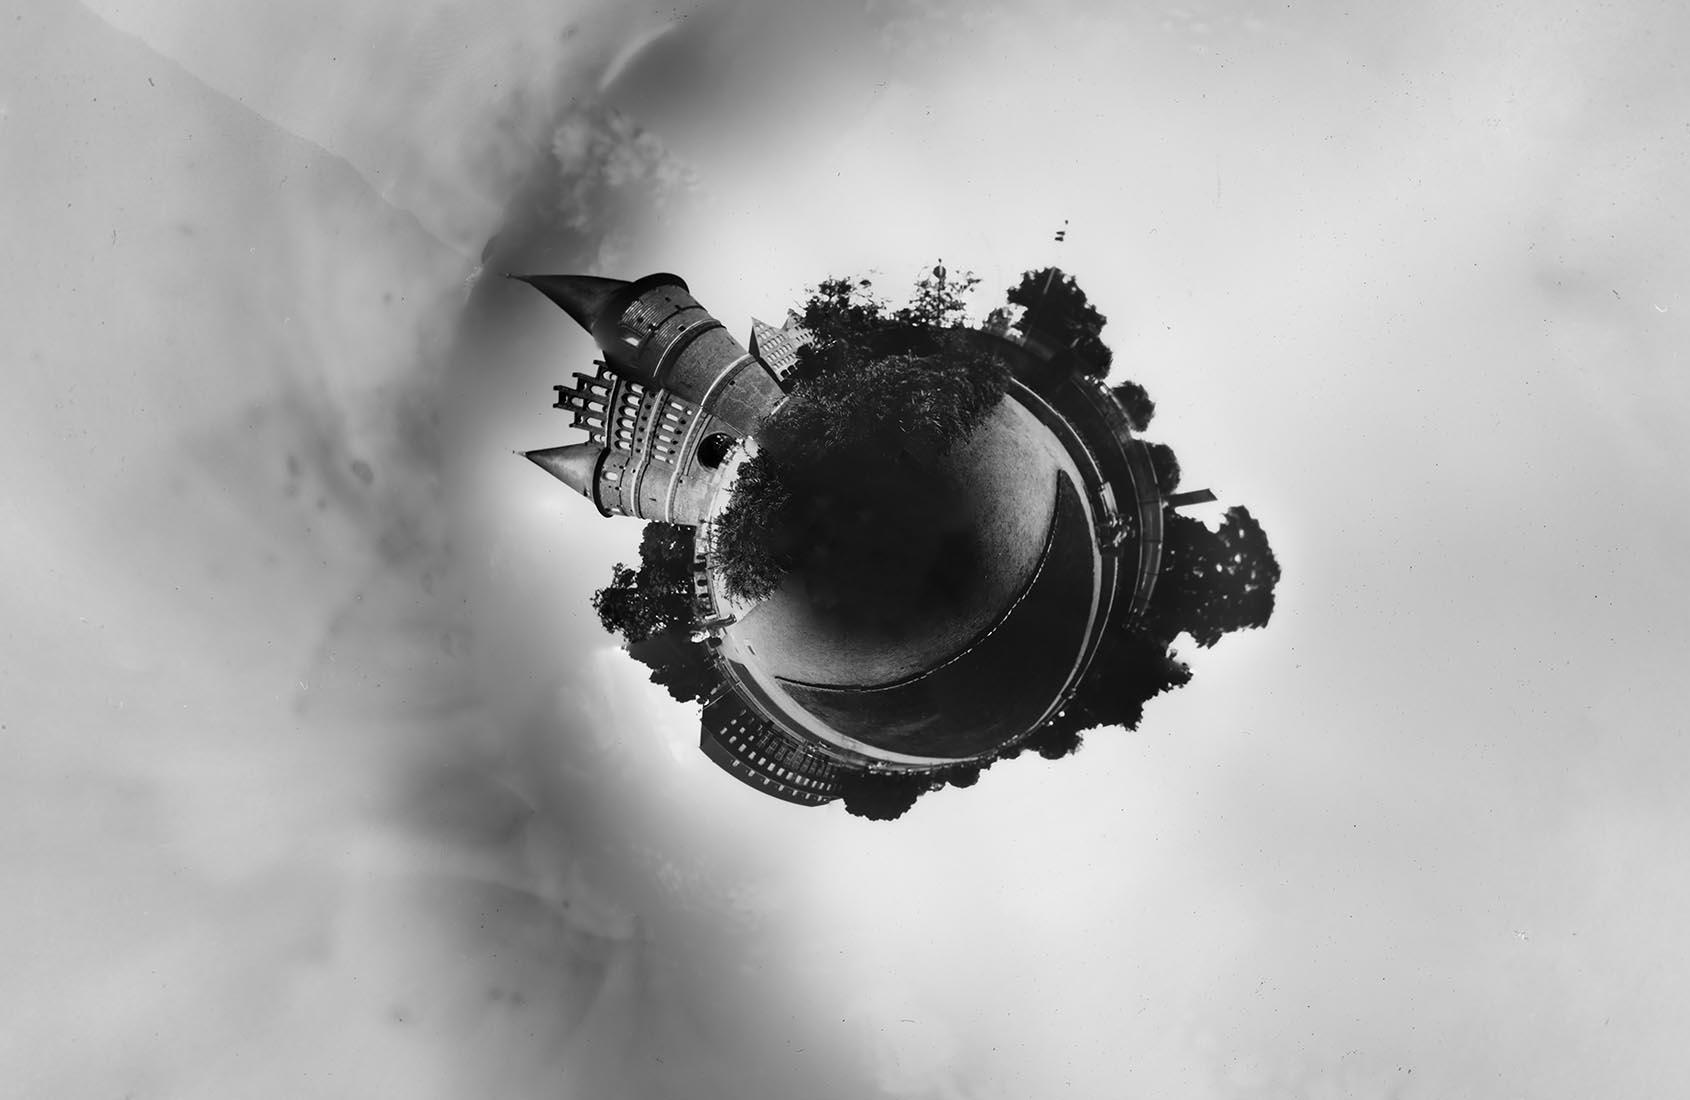 Holstentor, Lübeck Kleiner Planet, Lochkamera Fotografie